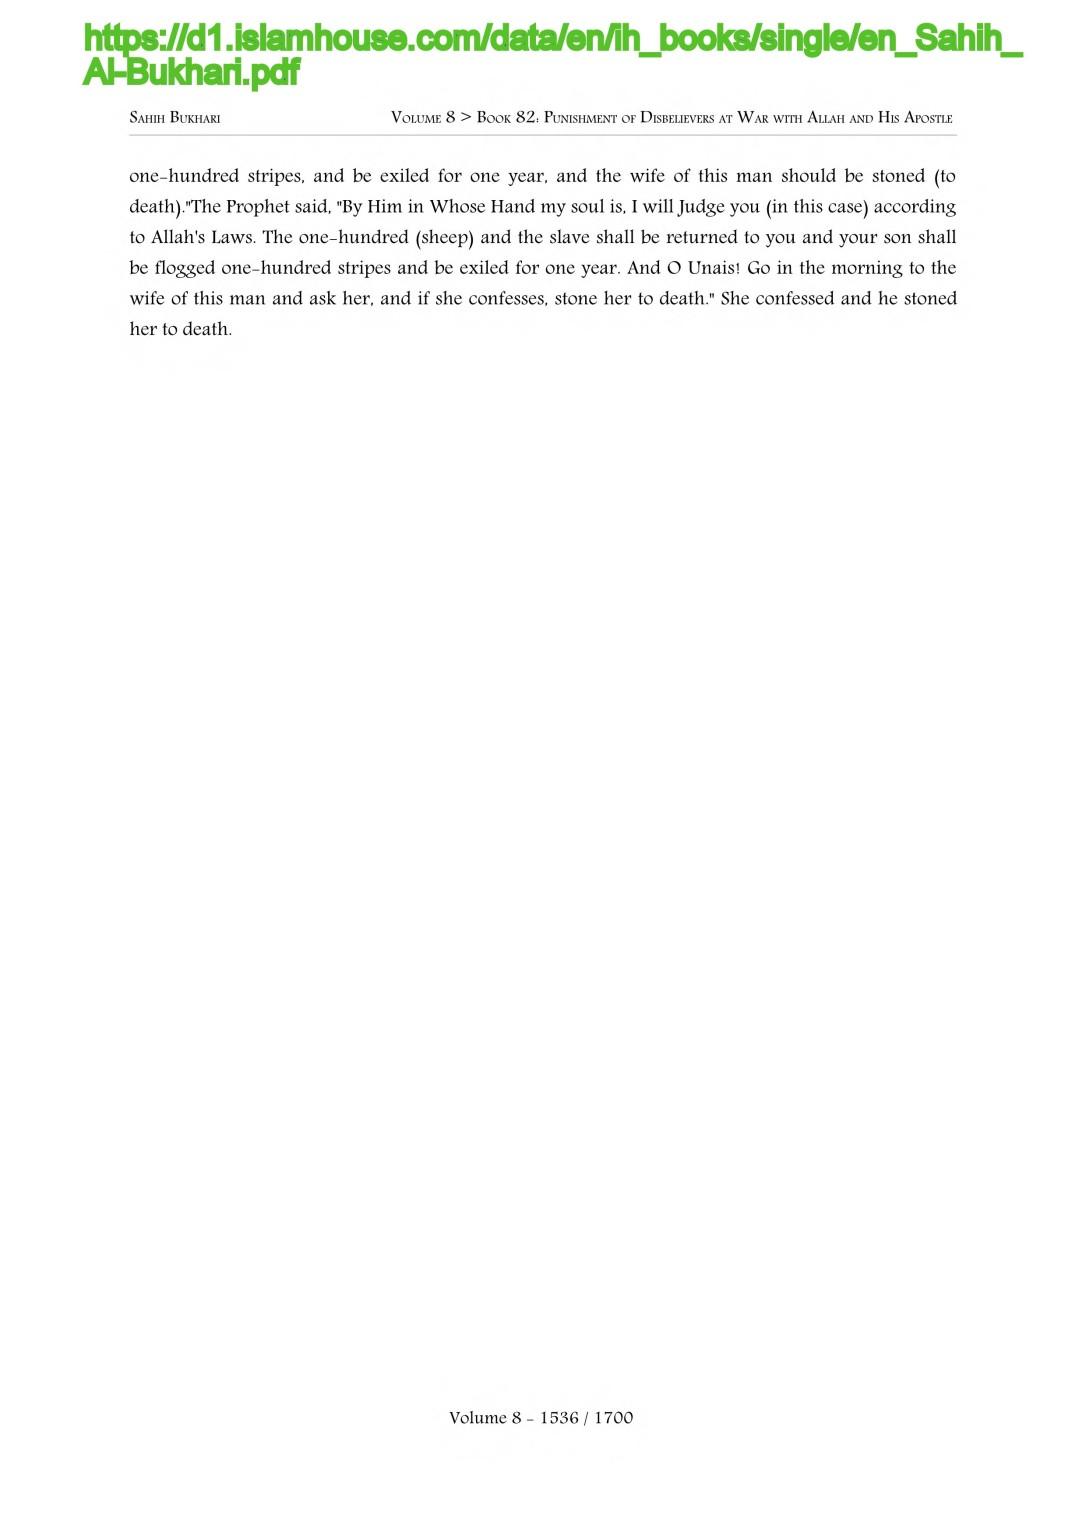 Sahih_Al-Bukhari_1535 (2)